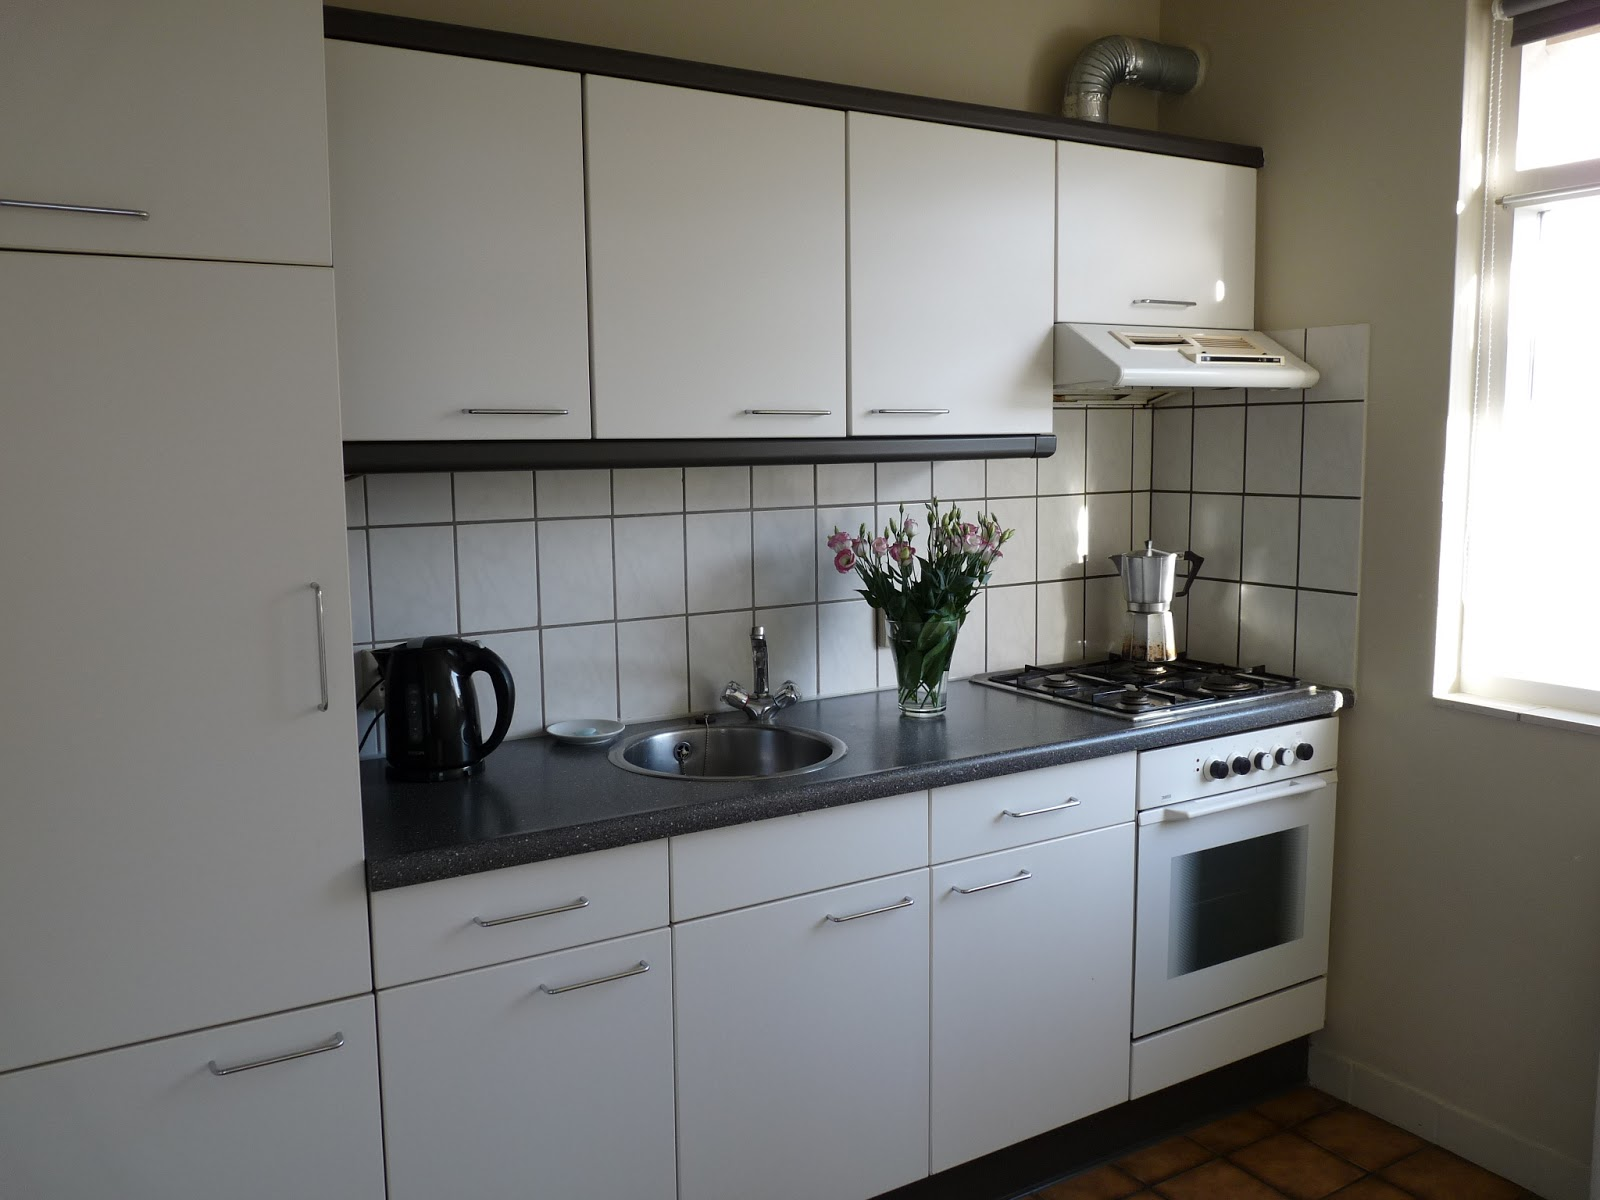 Aufräumen Vorher Nachher klementines ordnungsliebe küche vorher nachher